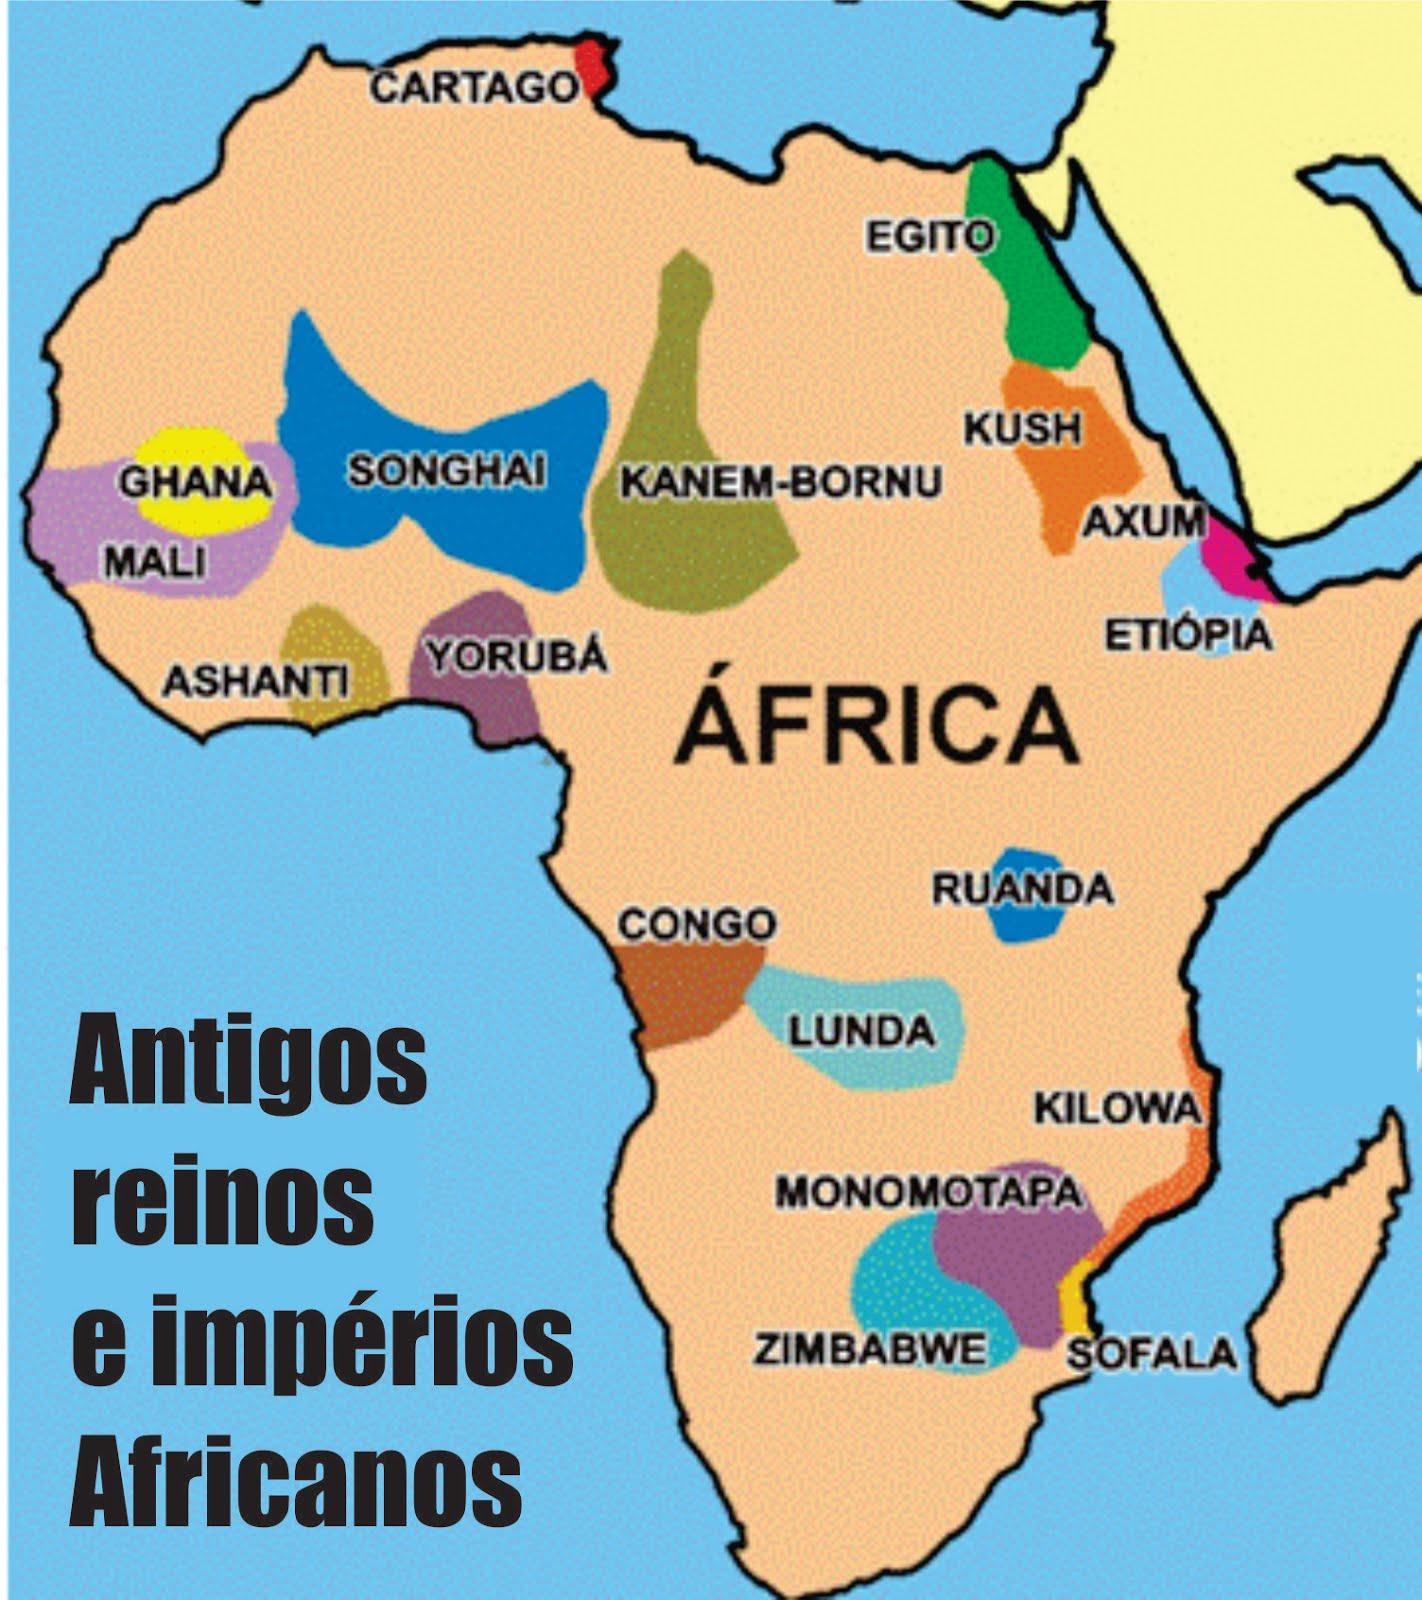 GRANDES REINOS DA ÁFRICA